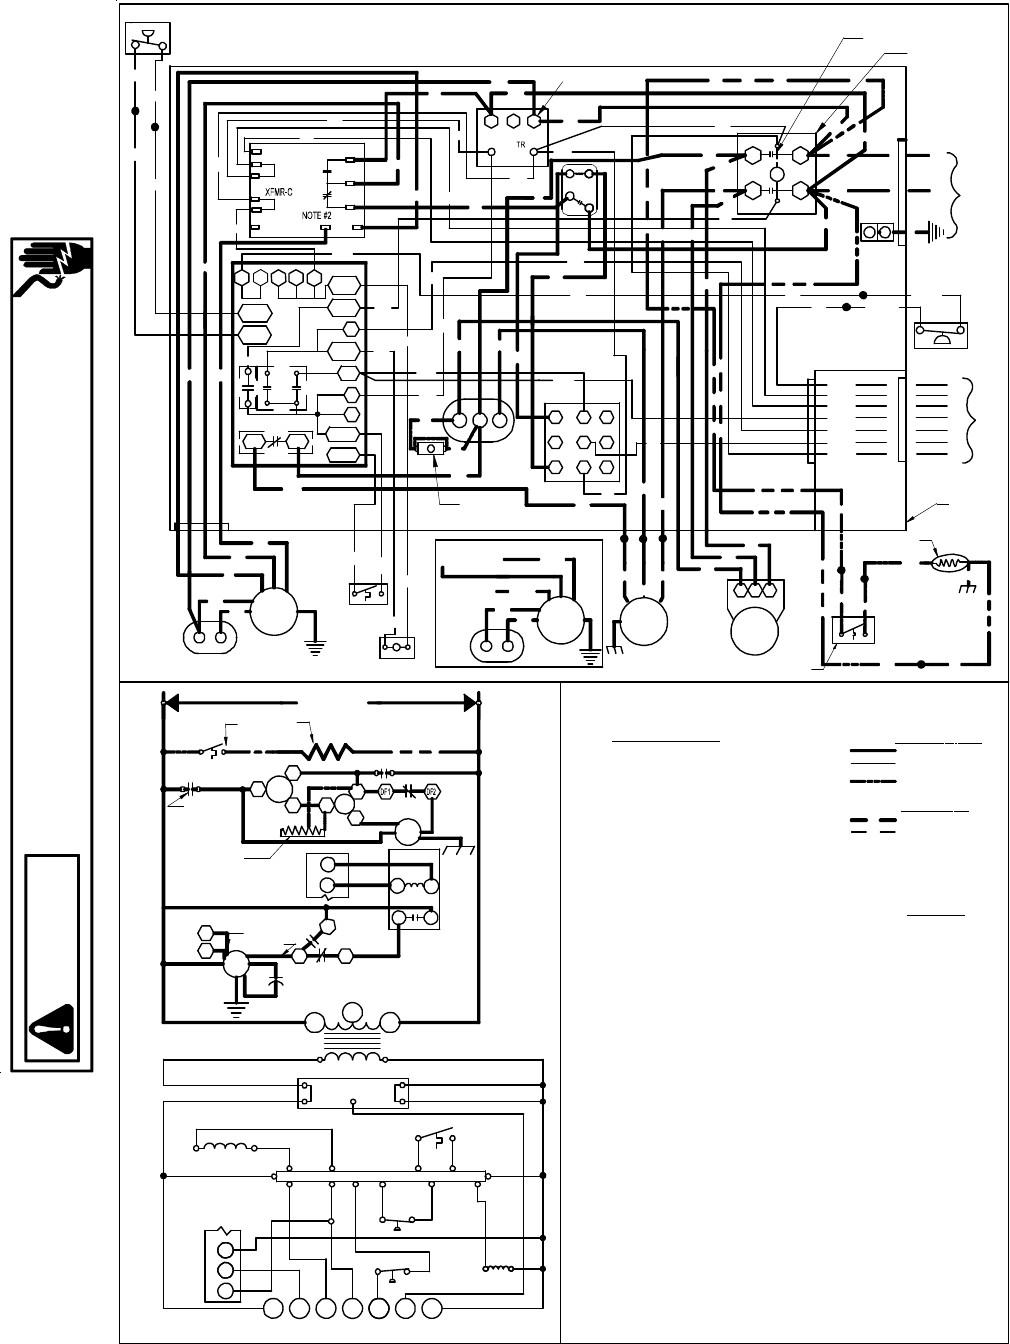 Goodman Heat Pump Wiring Diagram / Goodman Heating Wiring